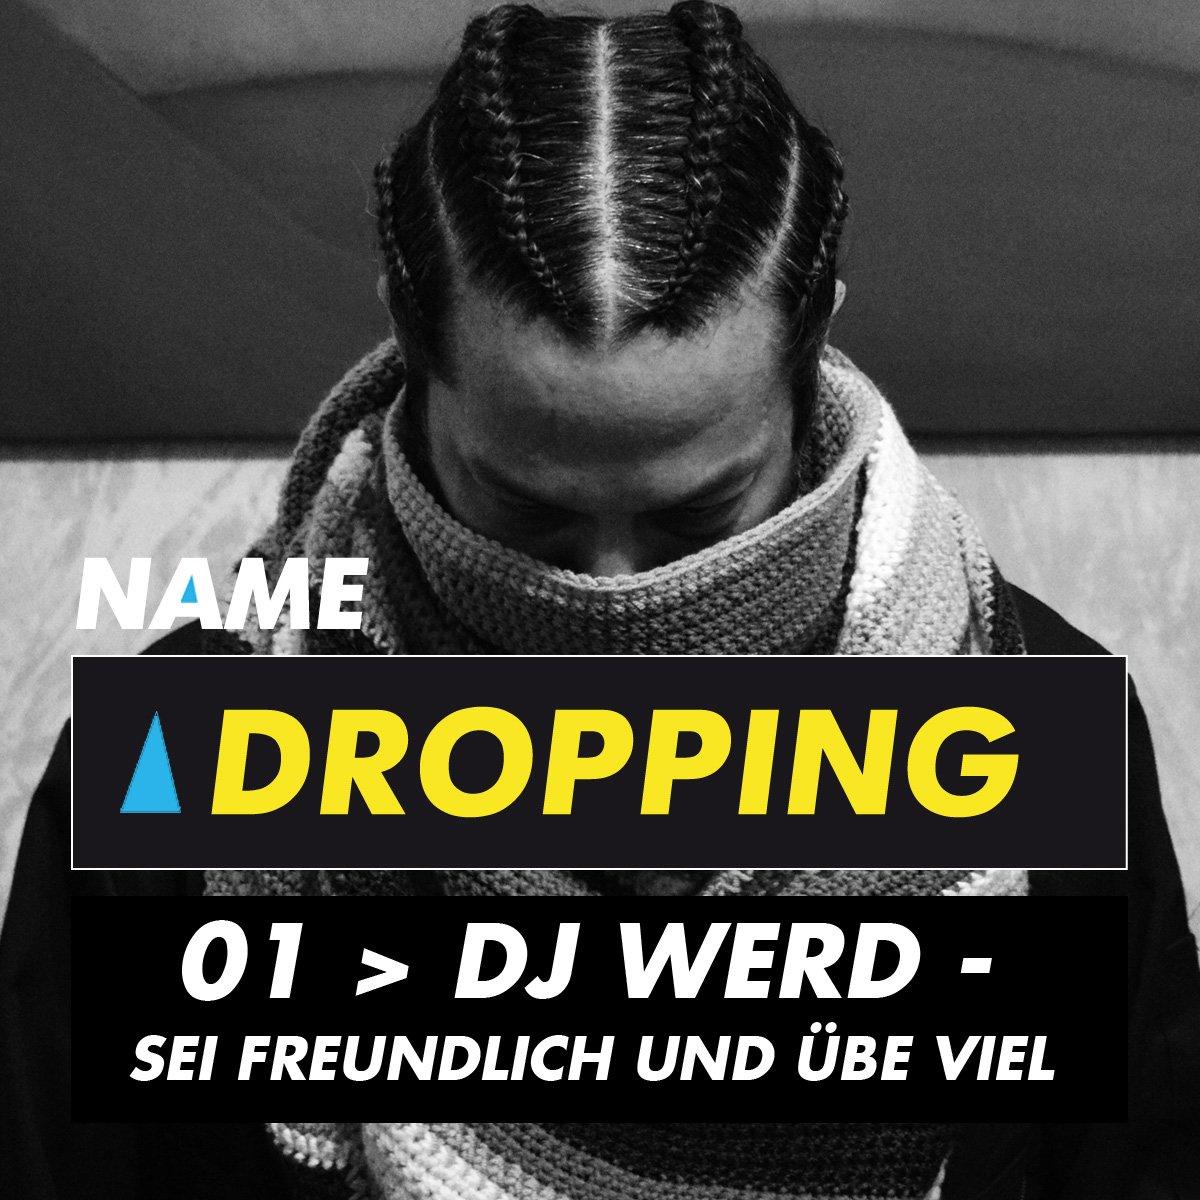 name Dropping DJ WERD